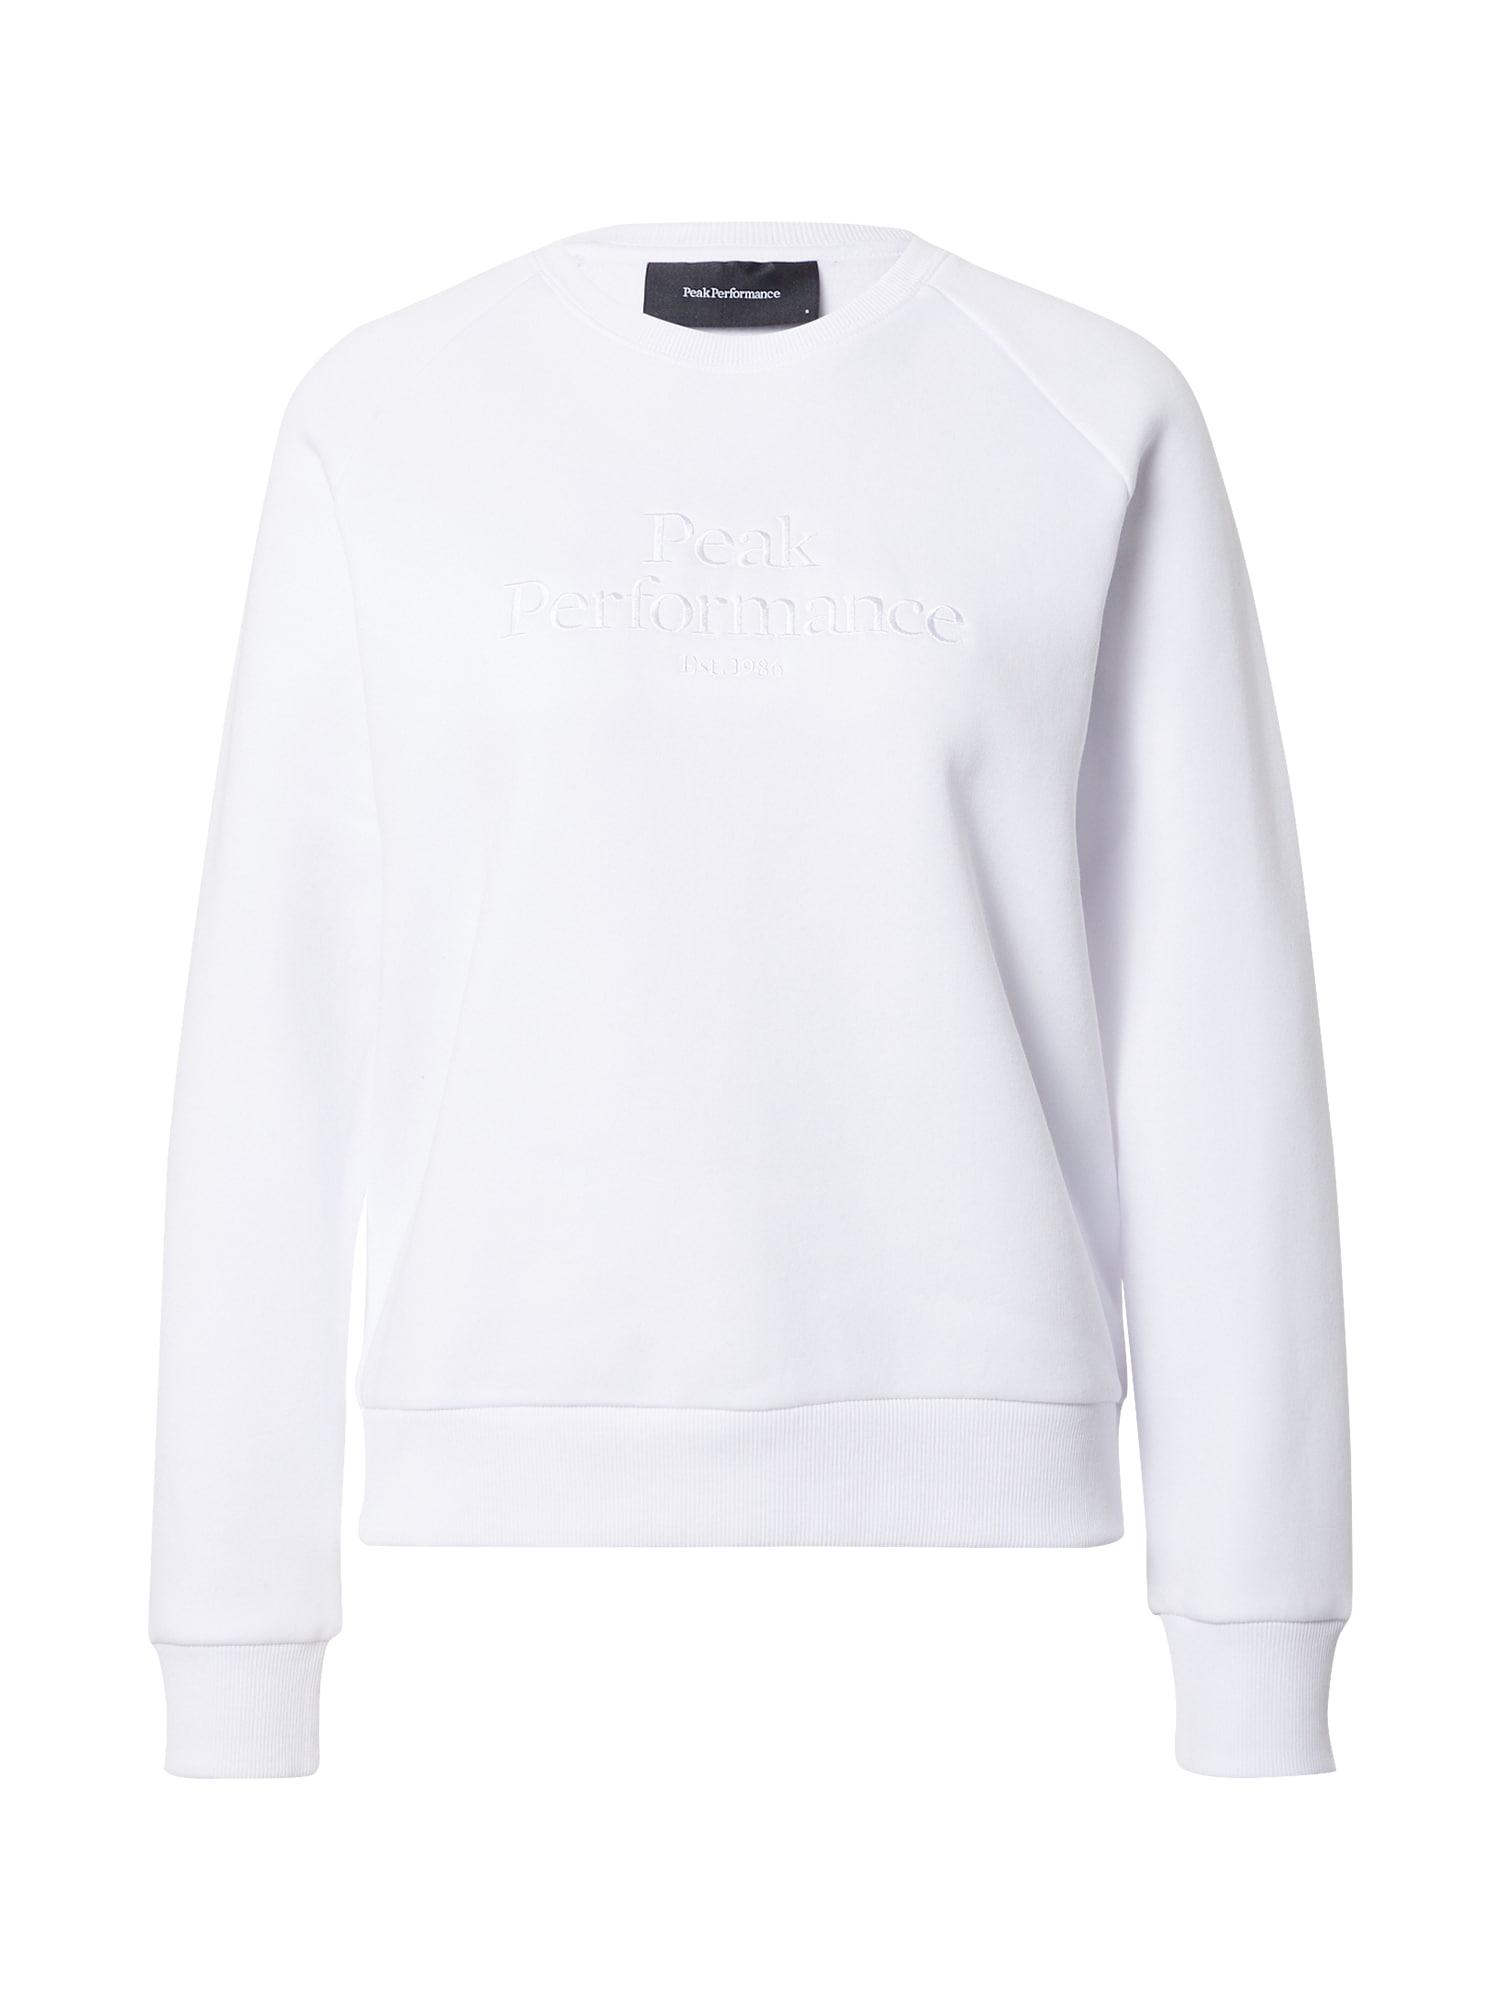 PEAK PERFORMANCE Sportinio tipo megztinis balta